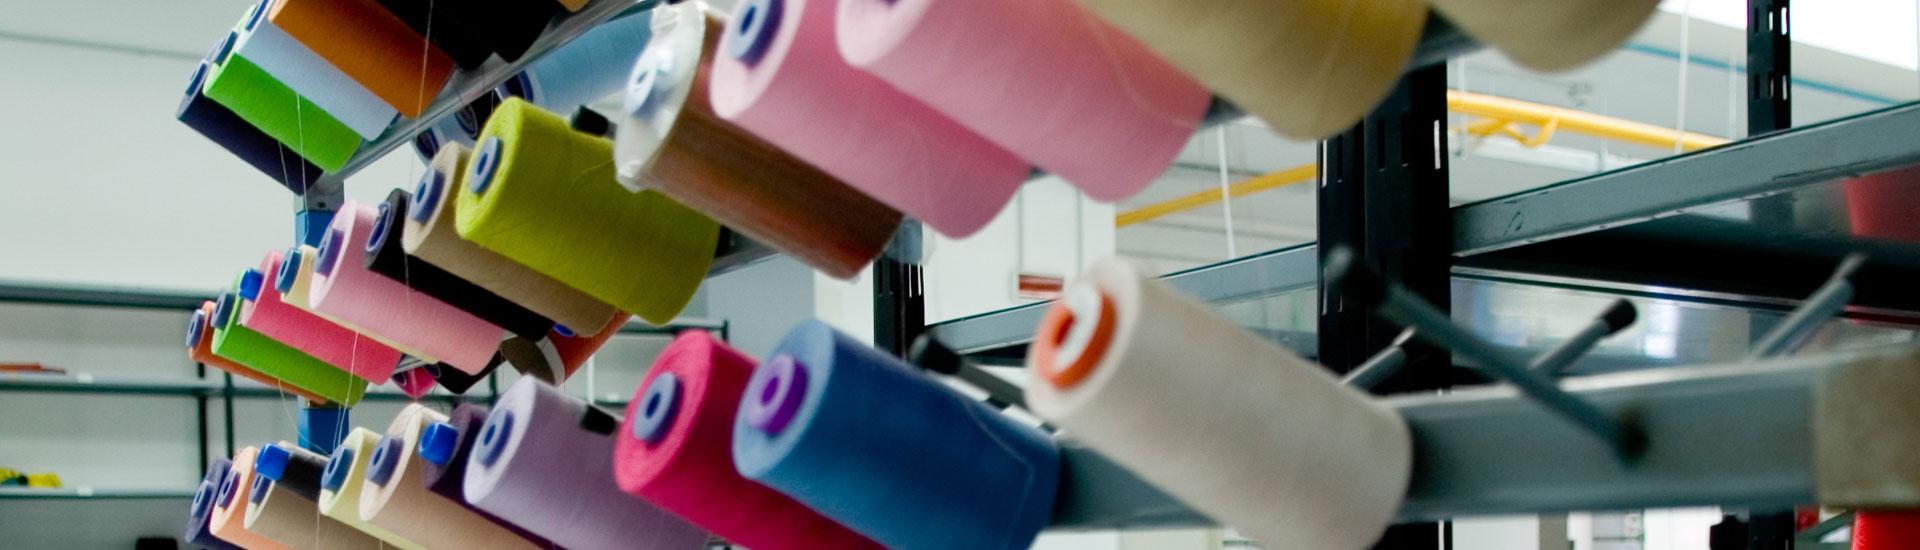 dal 1952 operiamo con competenza e passione per garantire la qualità dei nostri prodotti